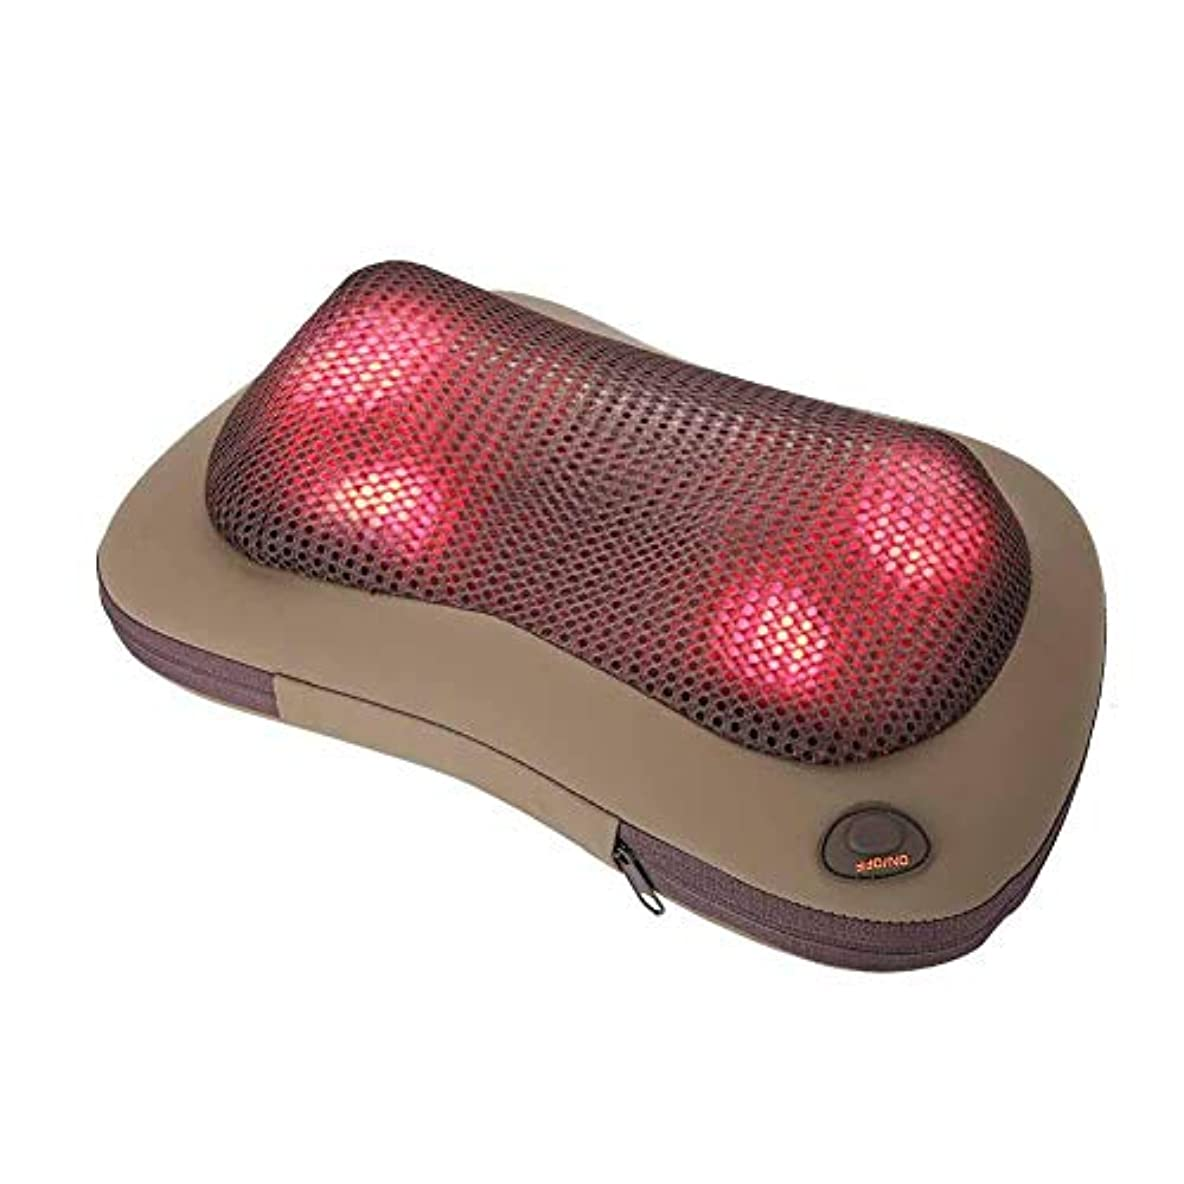 エイリアス楽な傷つきやすい携帯用 電気マッサージ 枕 暖房療法 首 ウエスト 足 腕 マッサージ用具(グレー)